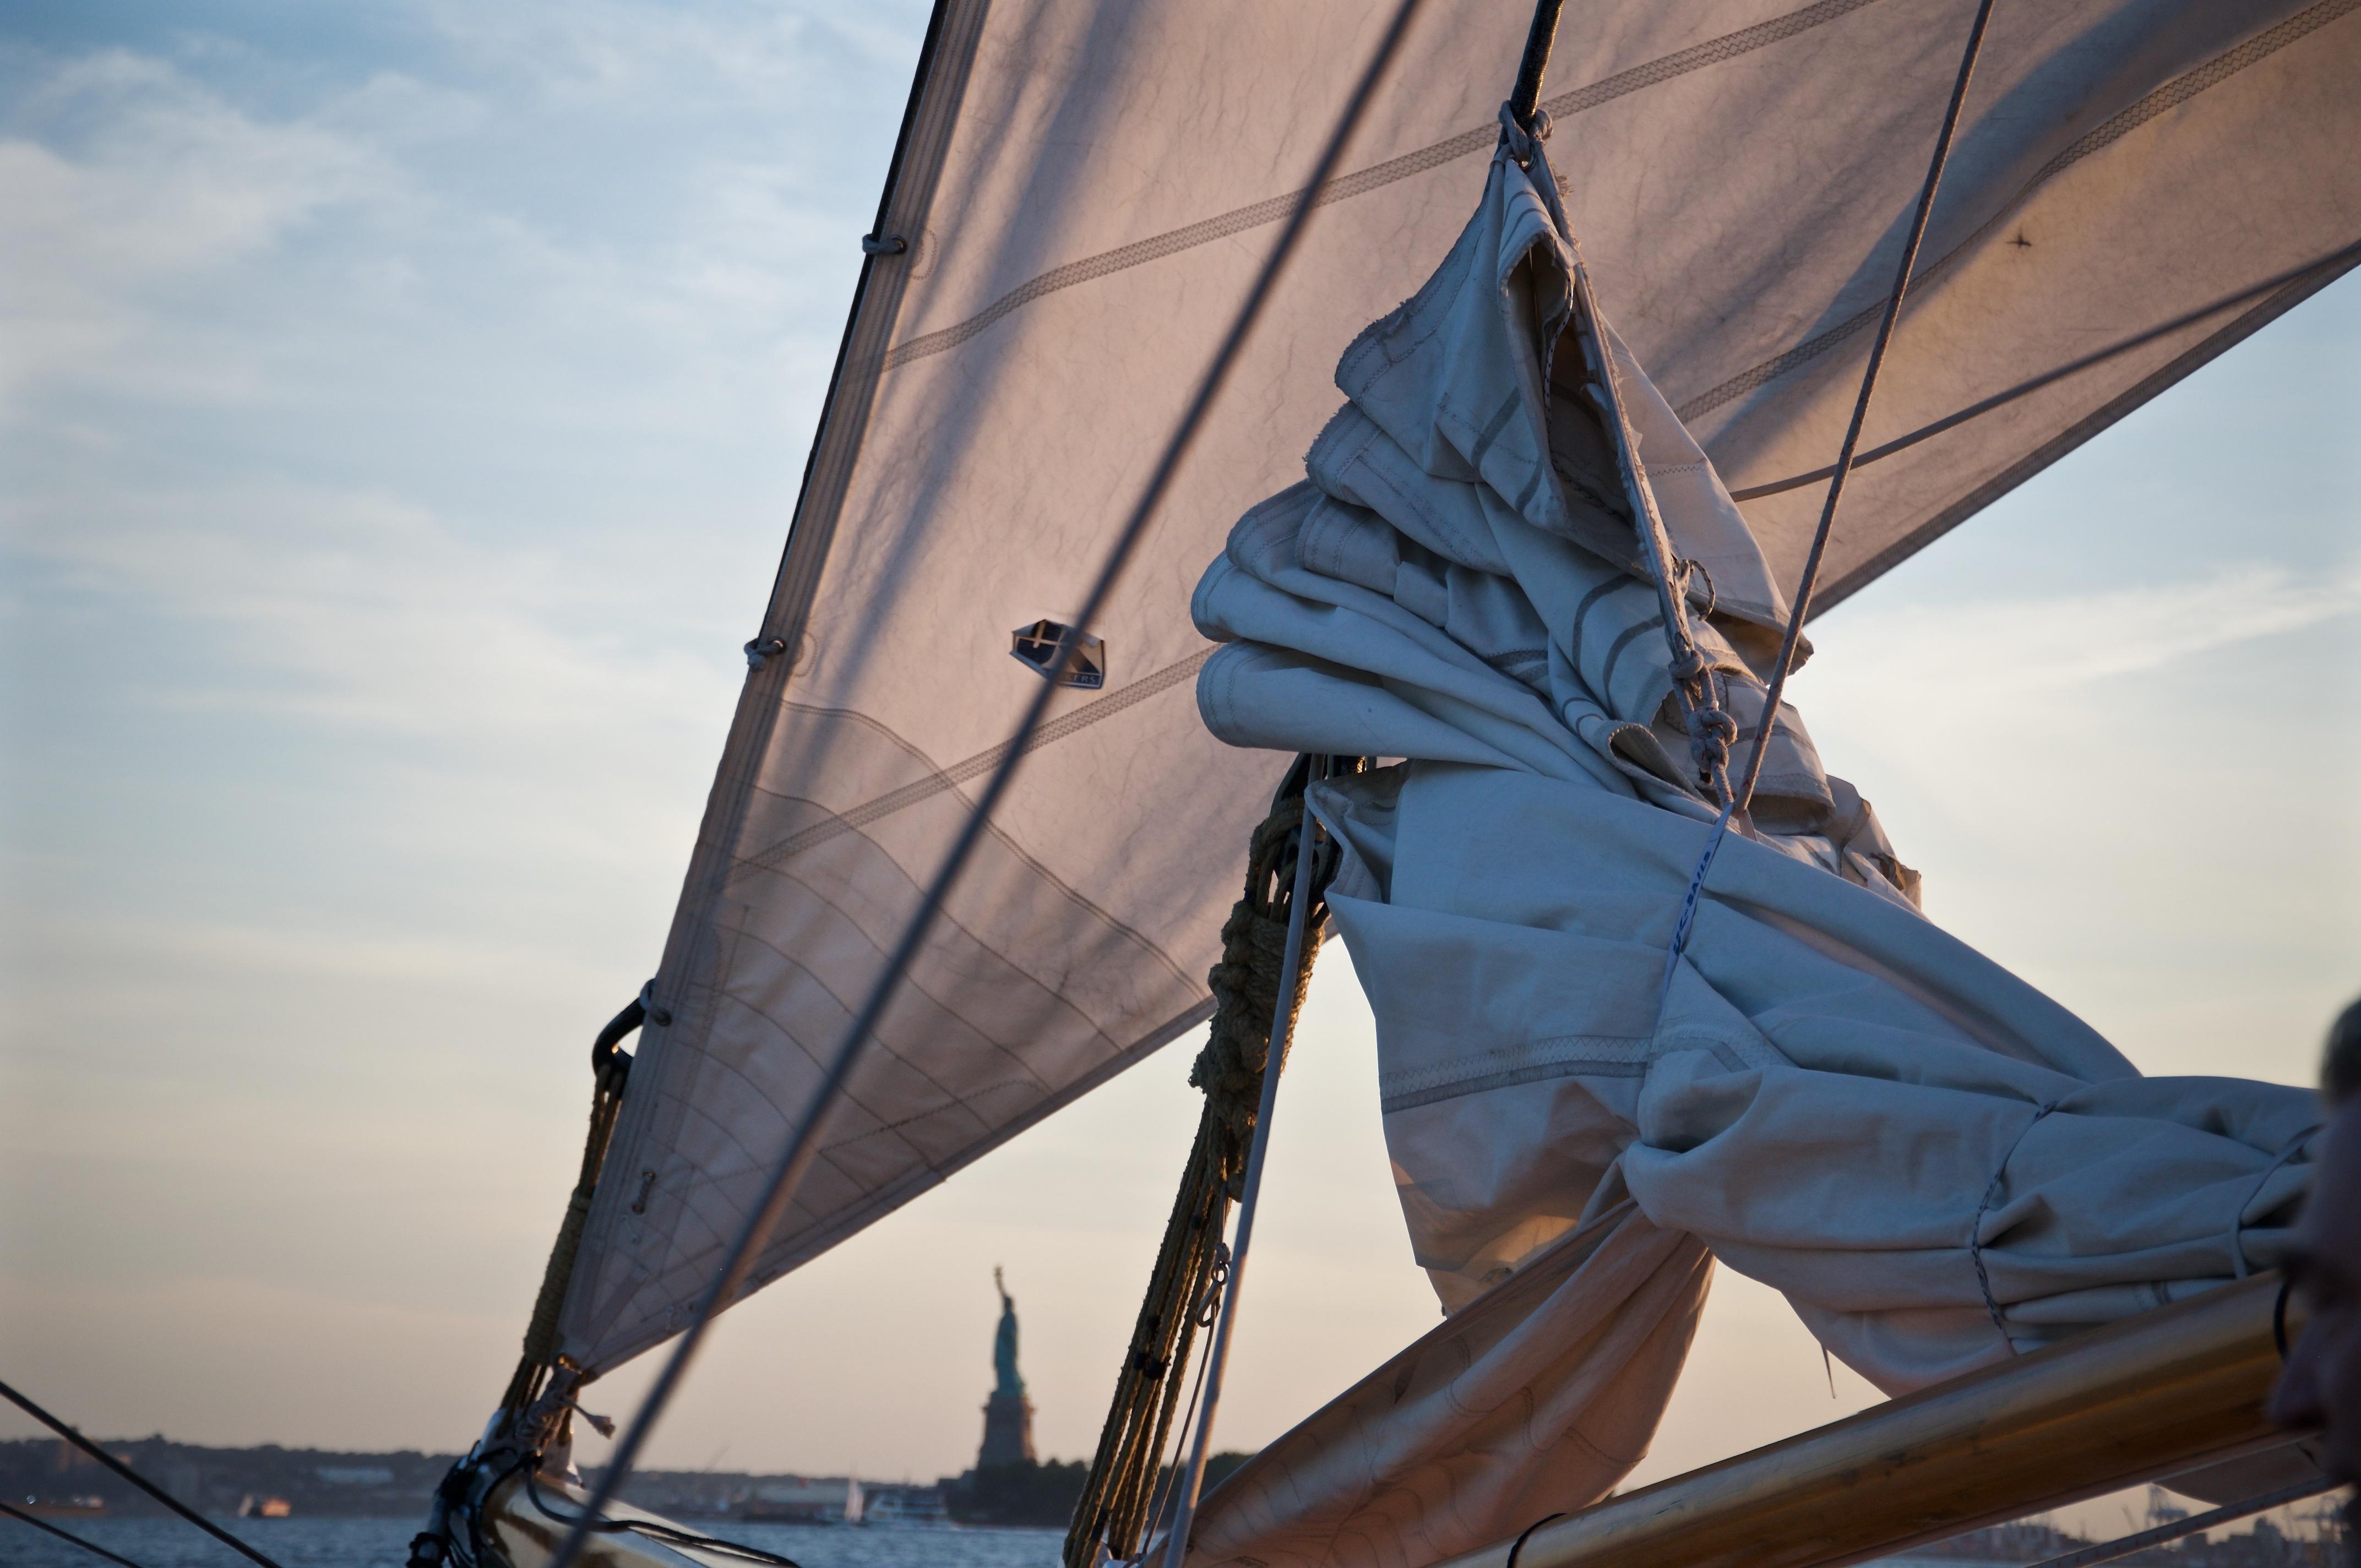 On Board, Board, Boat, Cloth, Control, HQ Photo